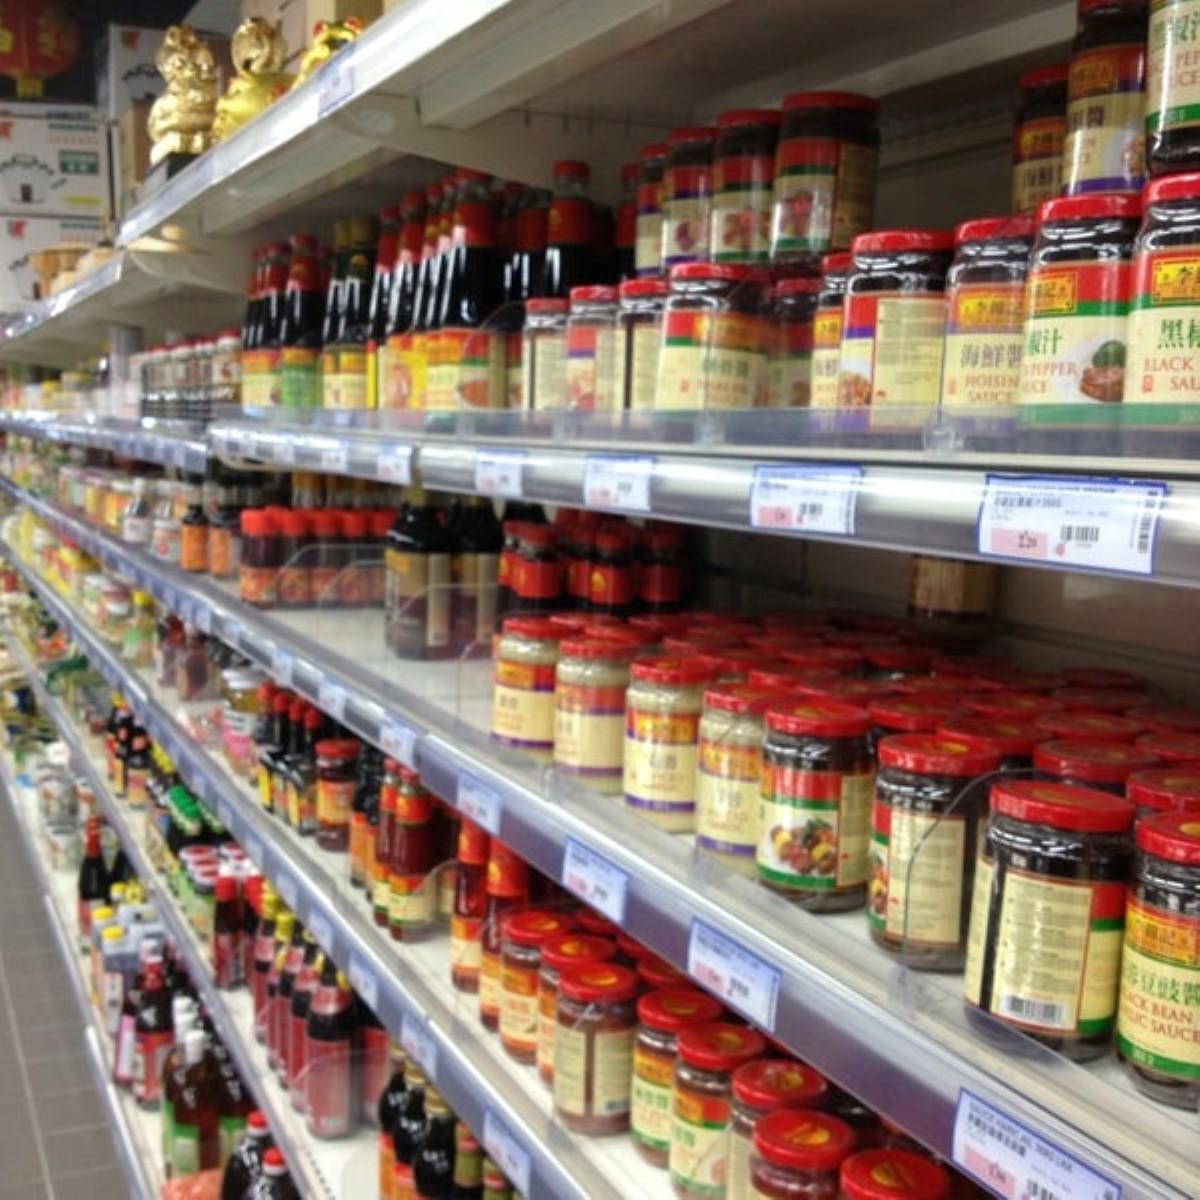 [Coronavirus] Liste des produits interdits d'importation : La Chambre de commerce chinoise veut des précisions